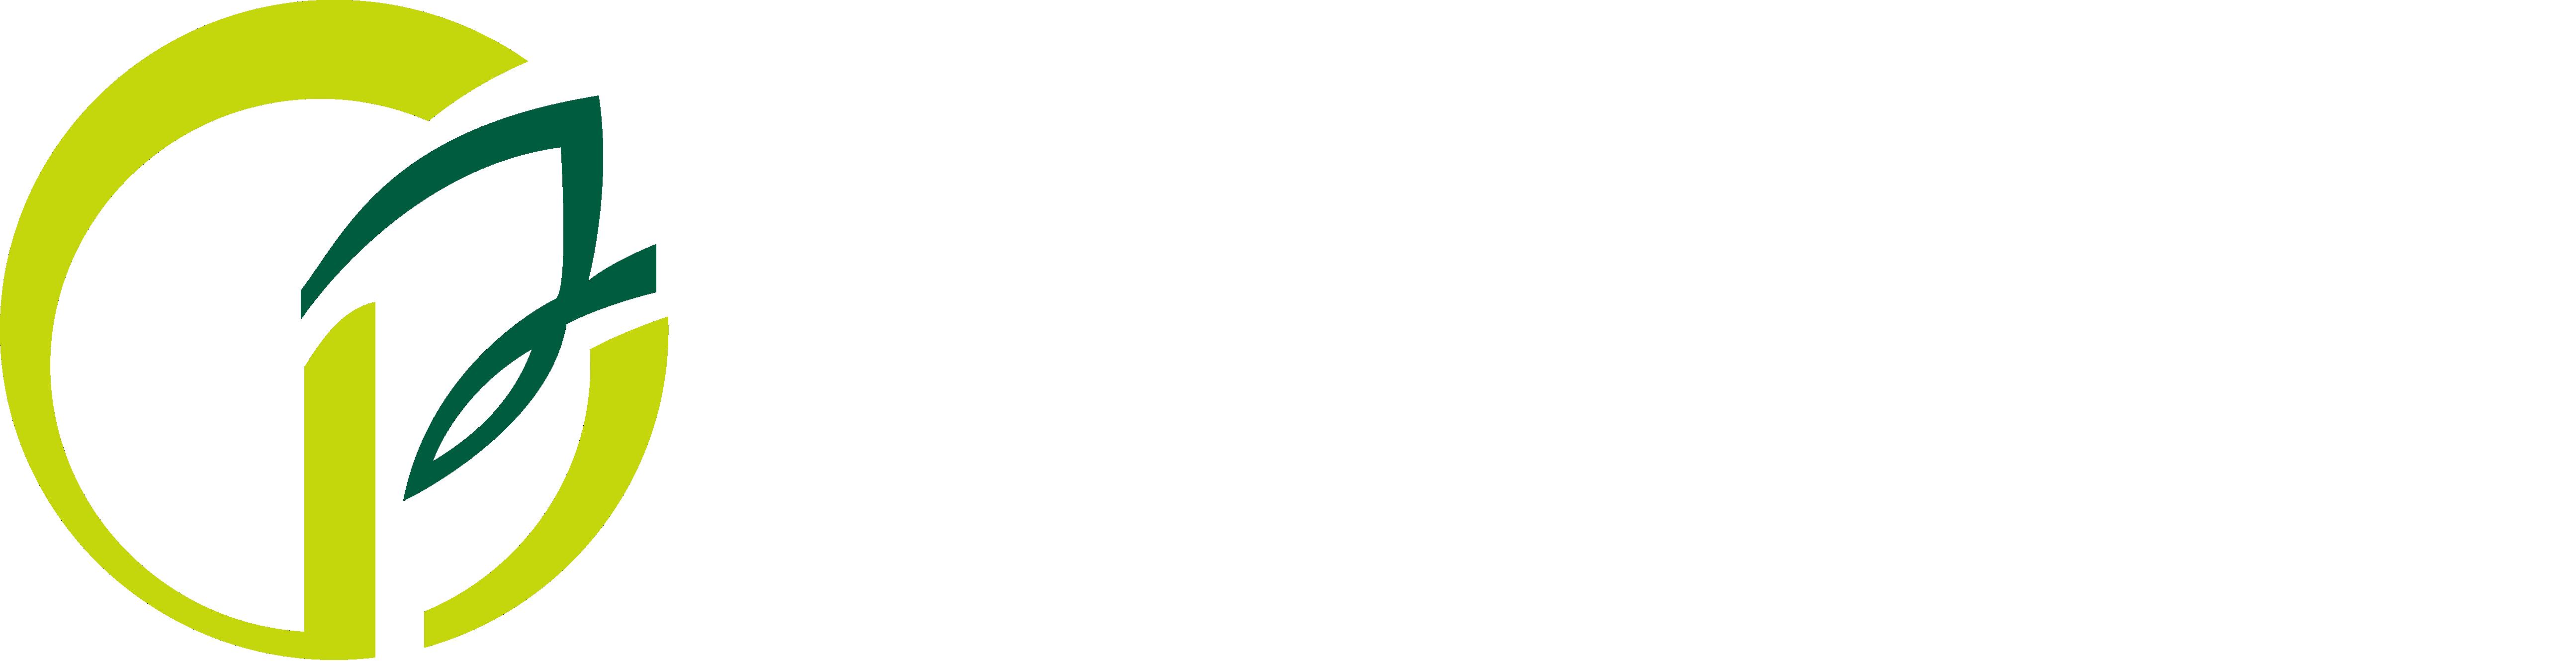 0724f707-f7c6-41cf-8e9e-a65ac411b696